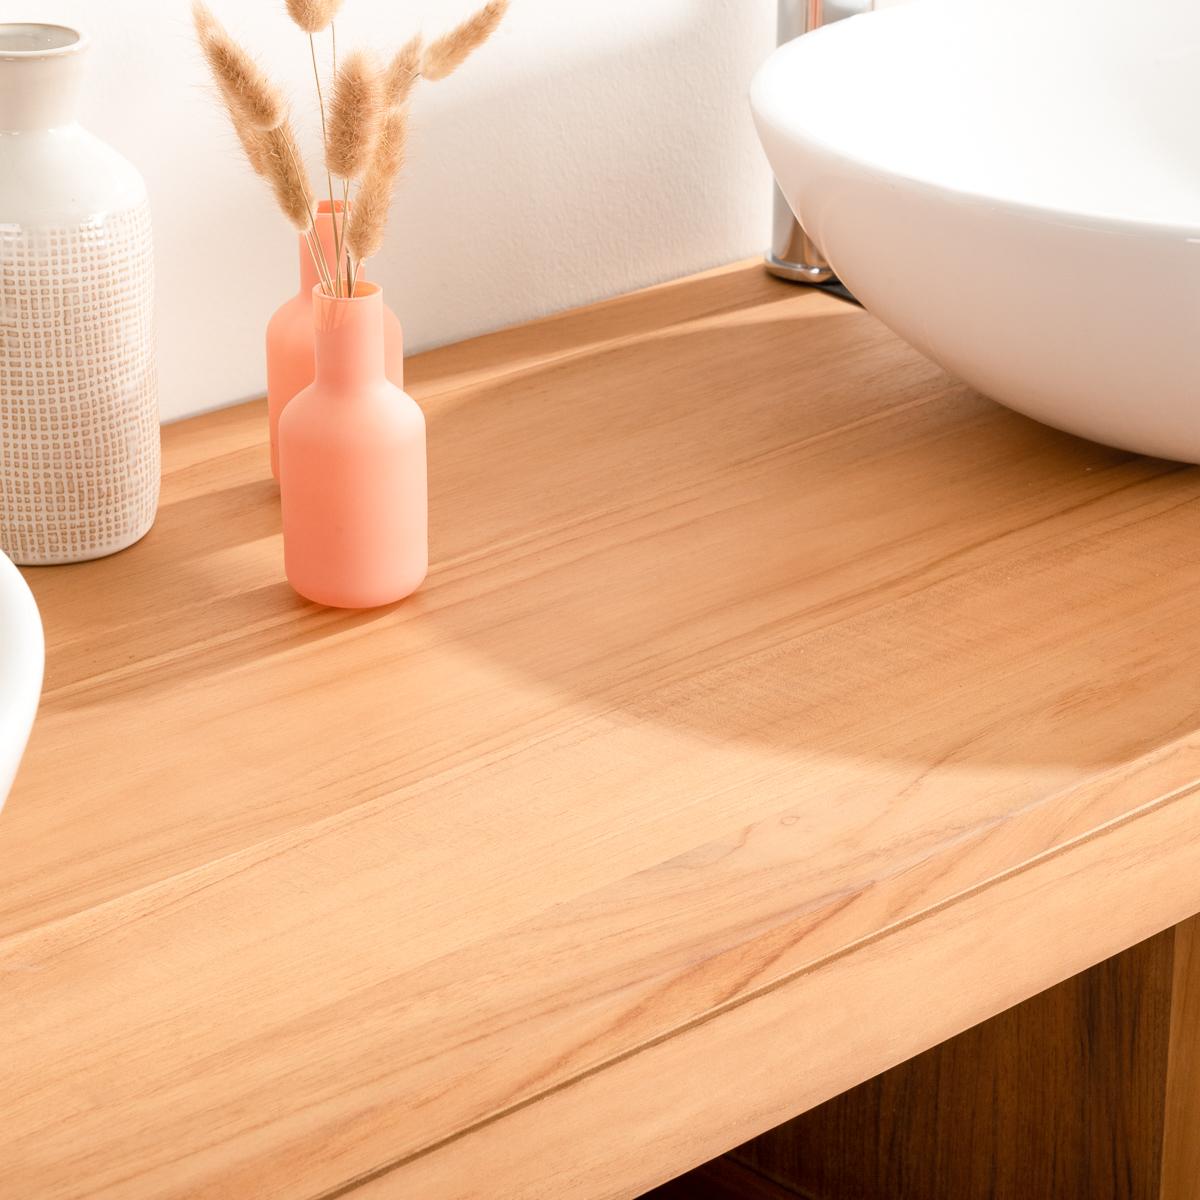 Mueble para lavabo doble de madera teca maciza cosy for Mueble de bano doble lavabo de madera